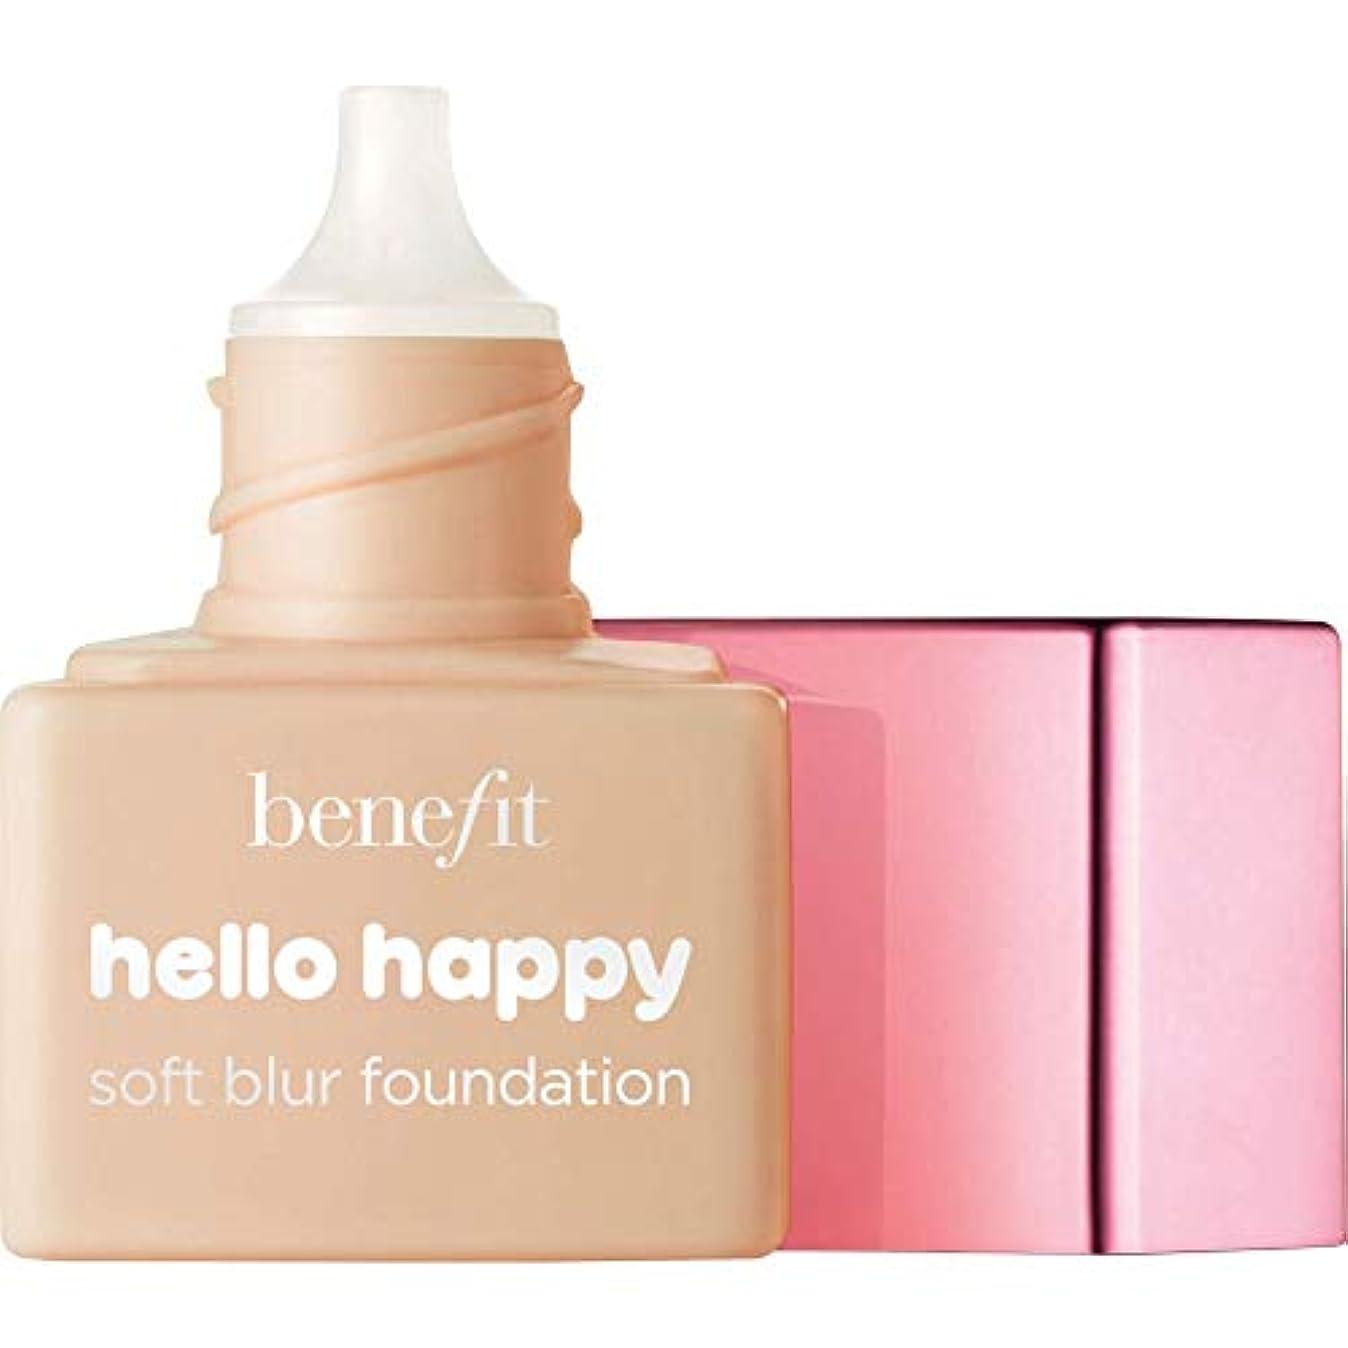 正直ラベンダー脱臼する[Benefit ] ミニ4 - - こんにちは幸せソフトブラー基礎Spf15の6ミリリットルの利益中性媒体中 - Benefit Hello Happy Soft Blur Foundation SPF15 6ml -...